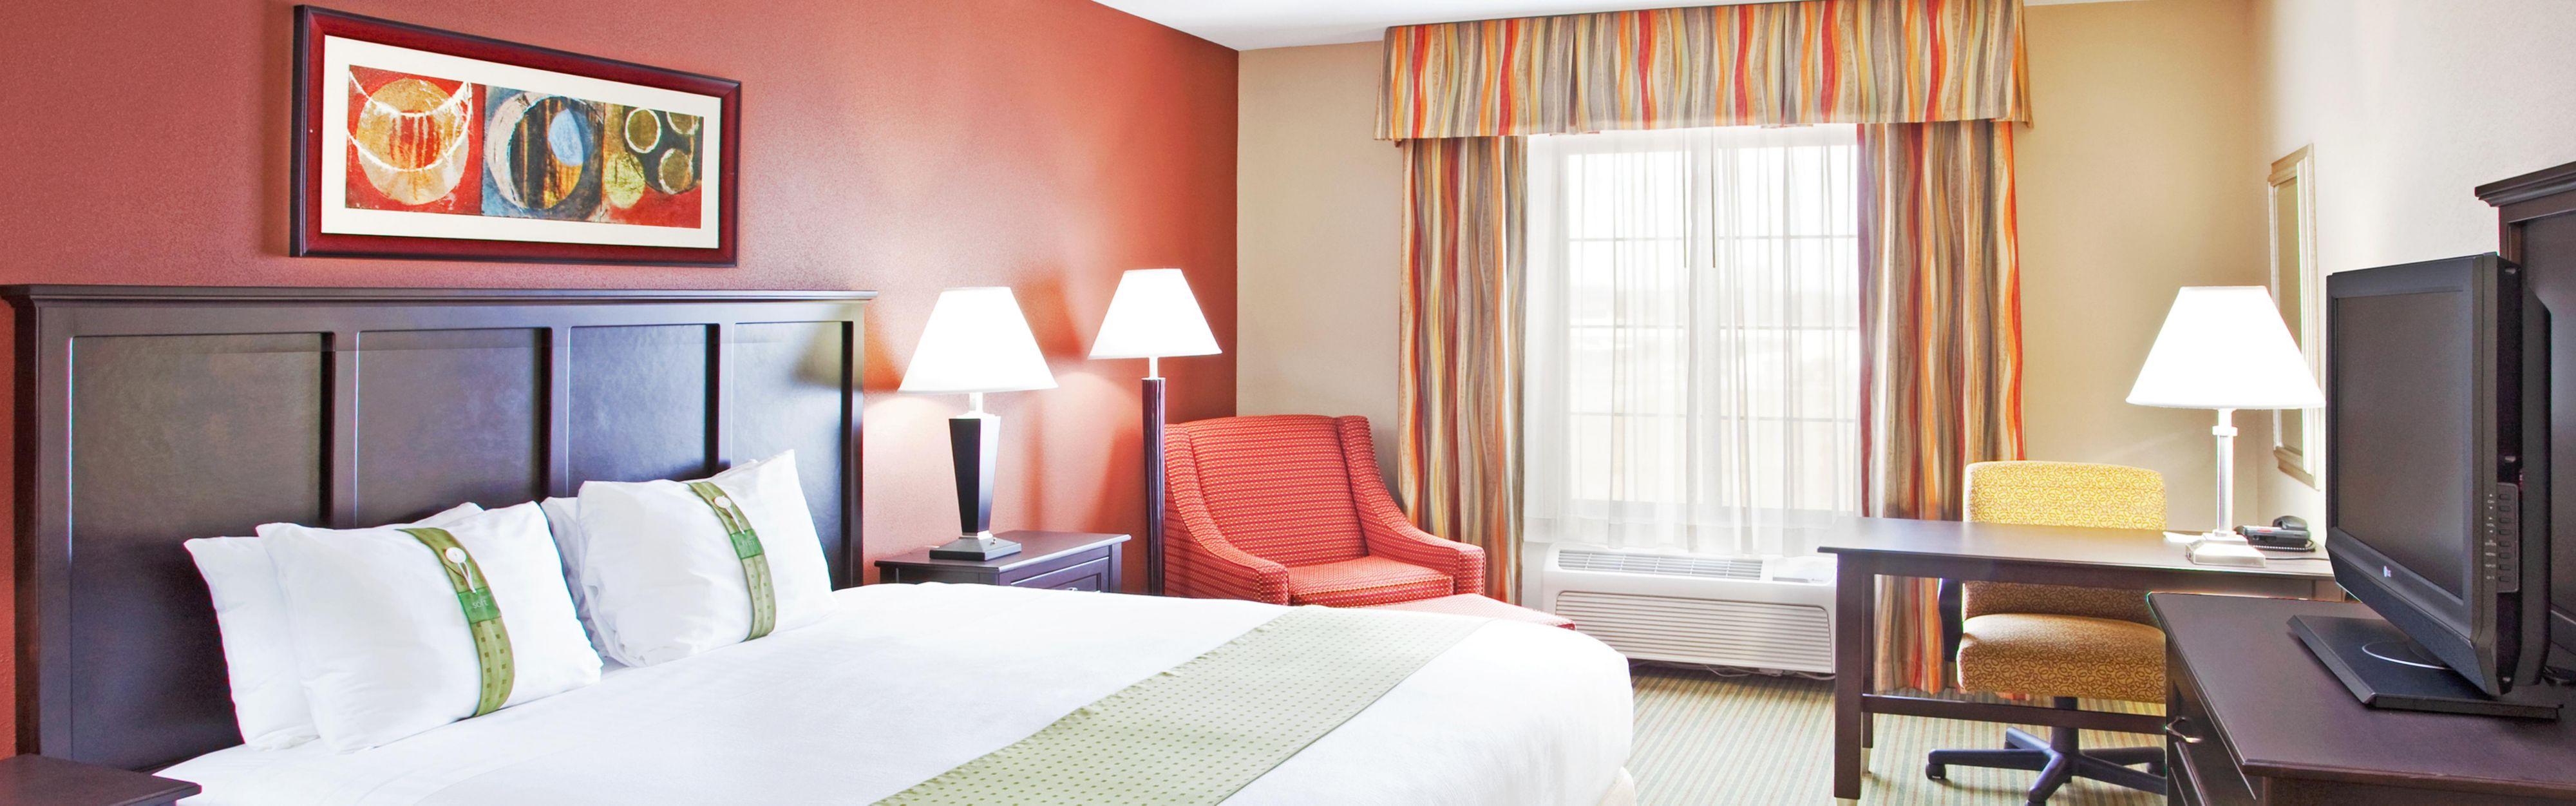 Holiday Inn Midland image 1